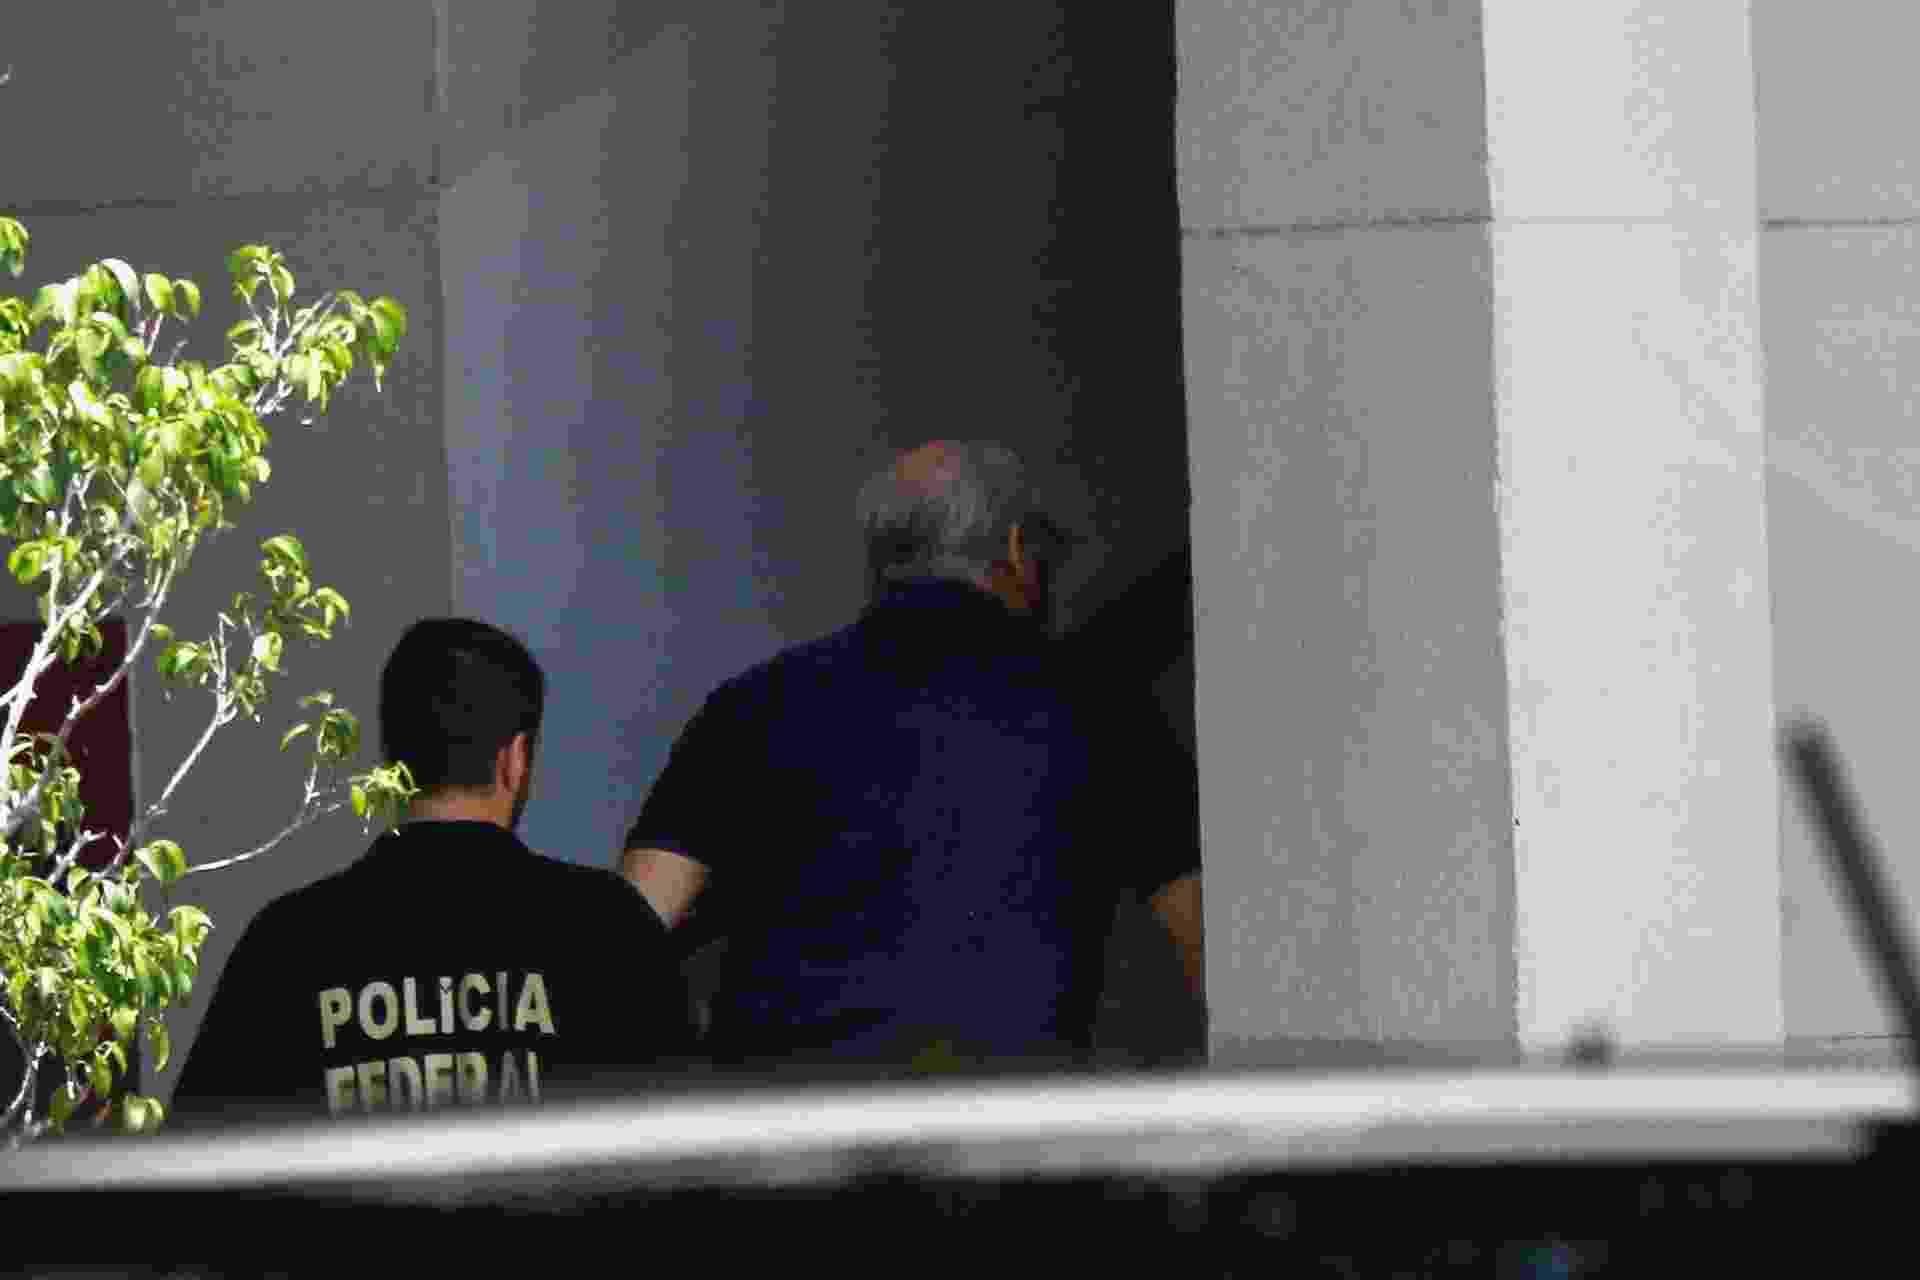 16.mar.2015 - Ex-diretor de Engenharia e Serviços da Petrobras, Renato Duque foi preso, nesta segunda (16) pela Polícia Federal. Duque --envolvido na operação Lava Jato-- foi preso porque, segundo a PF, estaria movimentando dinheiro depositado em contas no exterior - Daniel Scelza/ABI/Agência O Globo